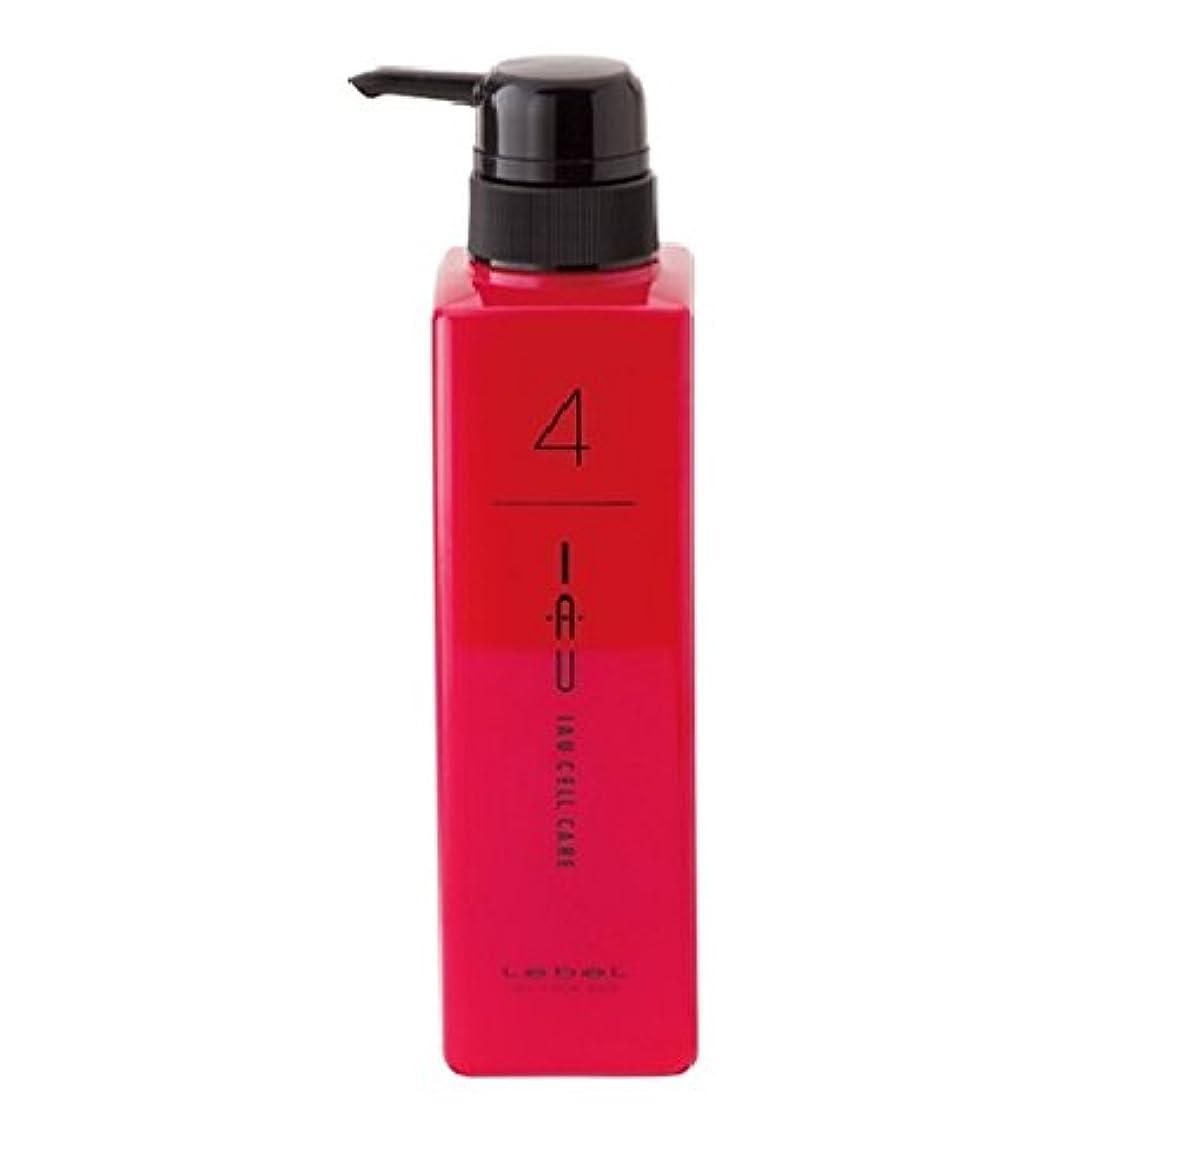 水素先例ウールルベル イオ セルケア 4  500 ml